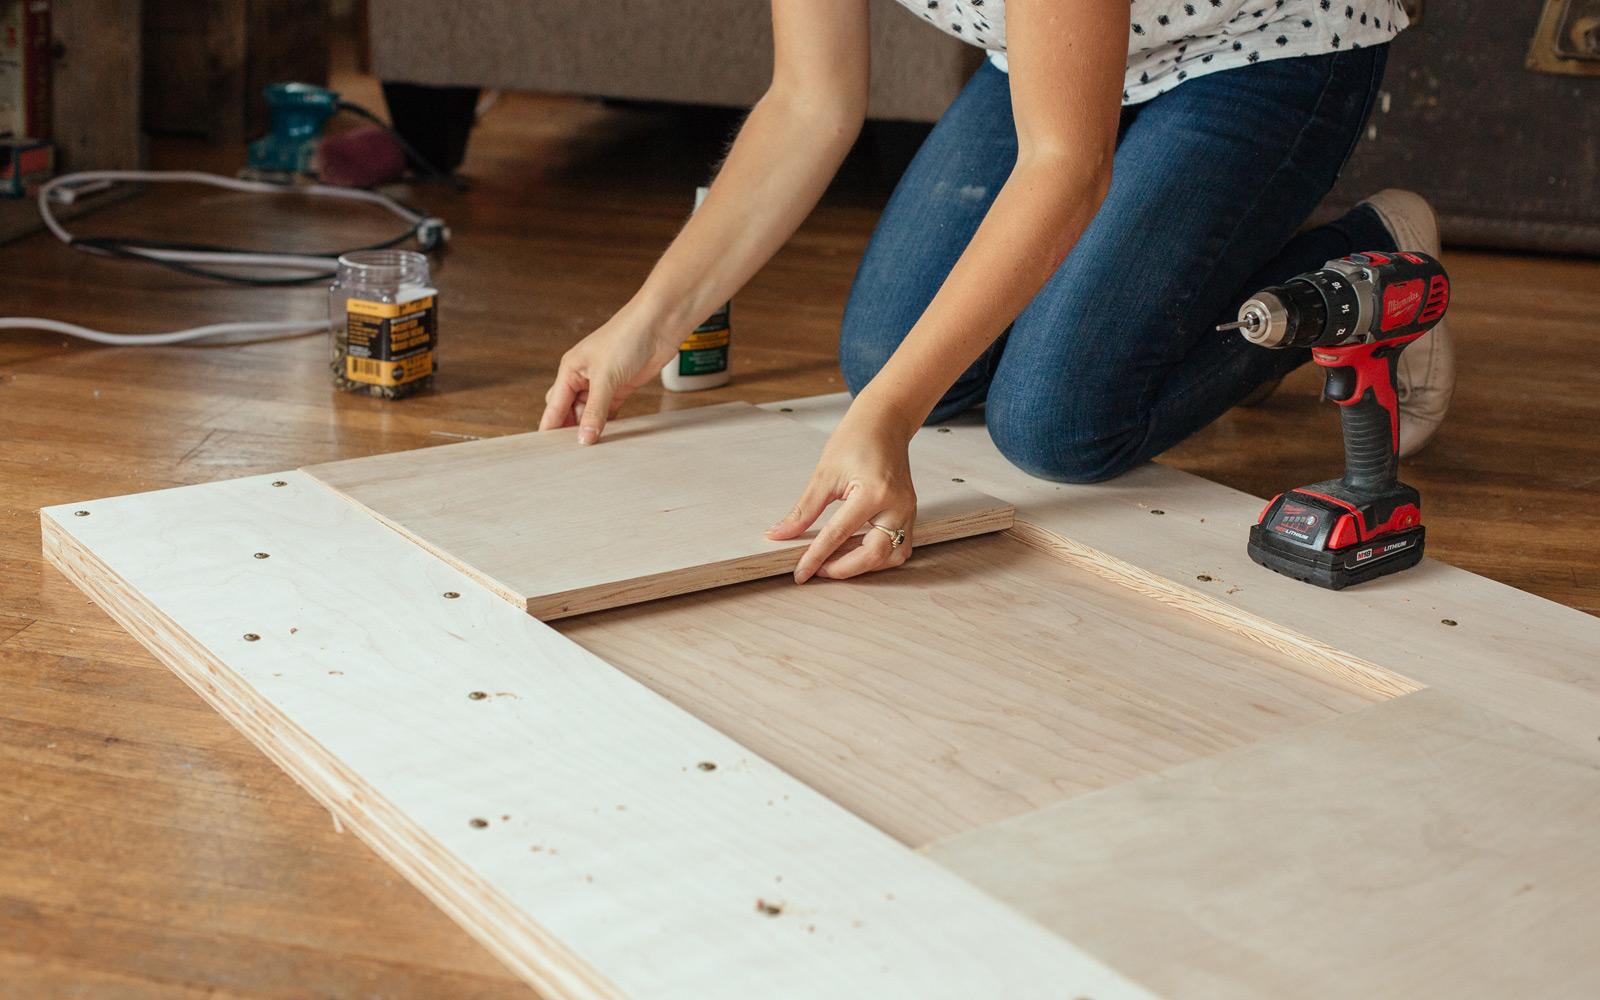 assembling modern tabletop